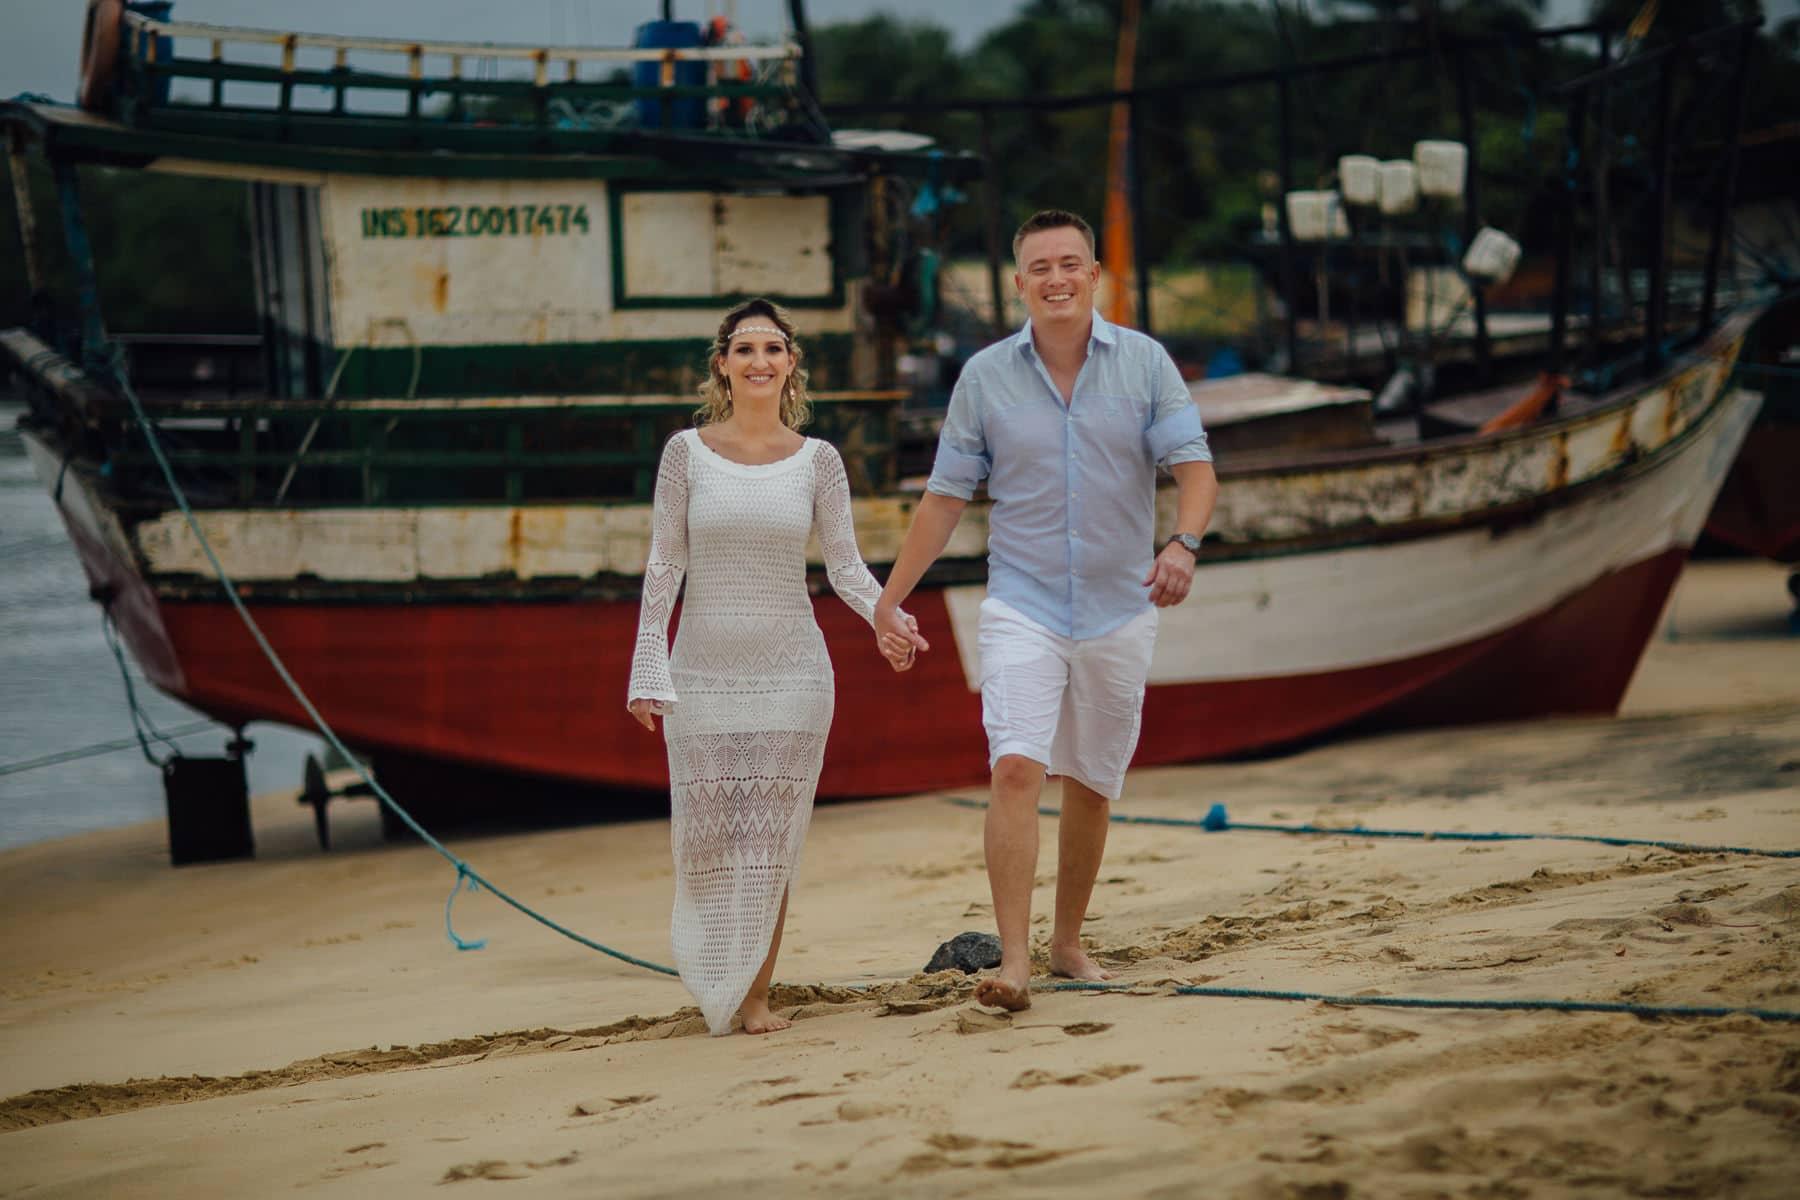 fotos de casal em vila de pescadores